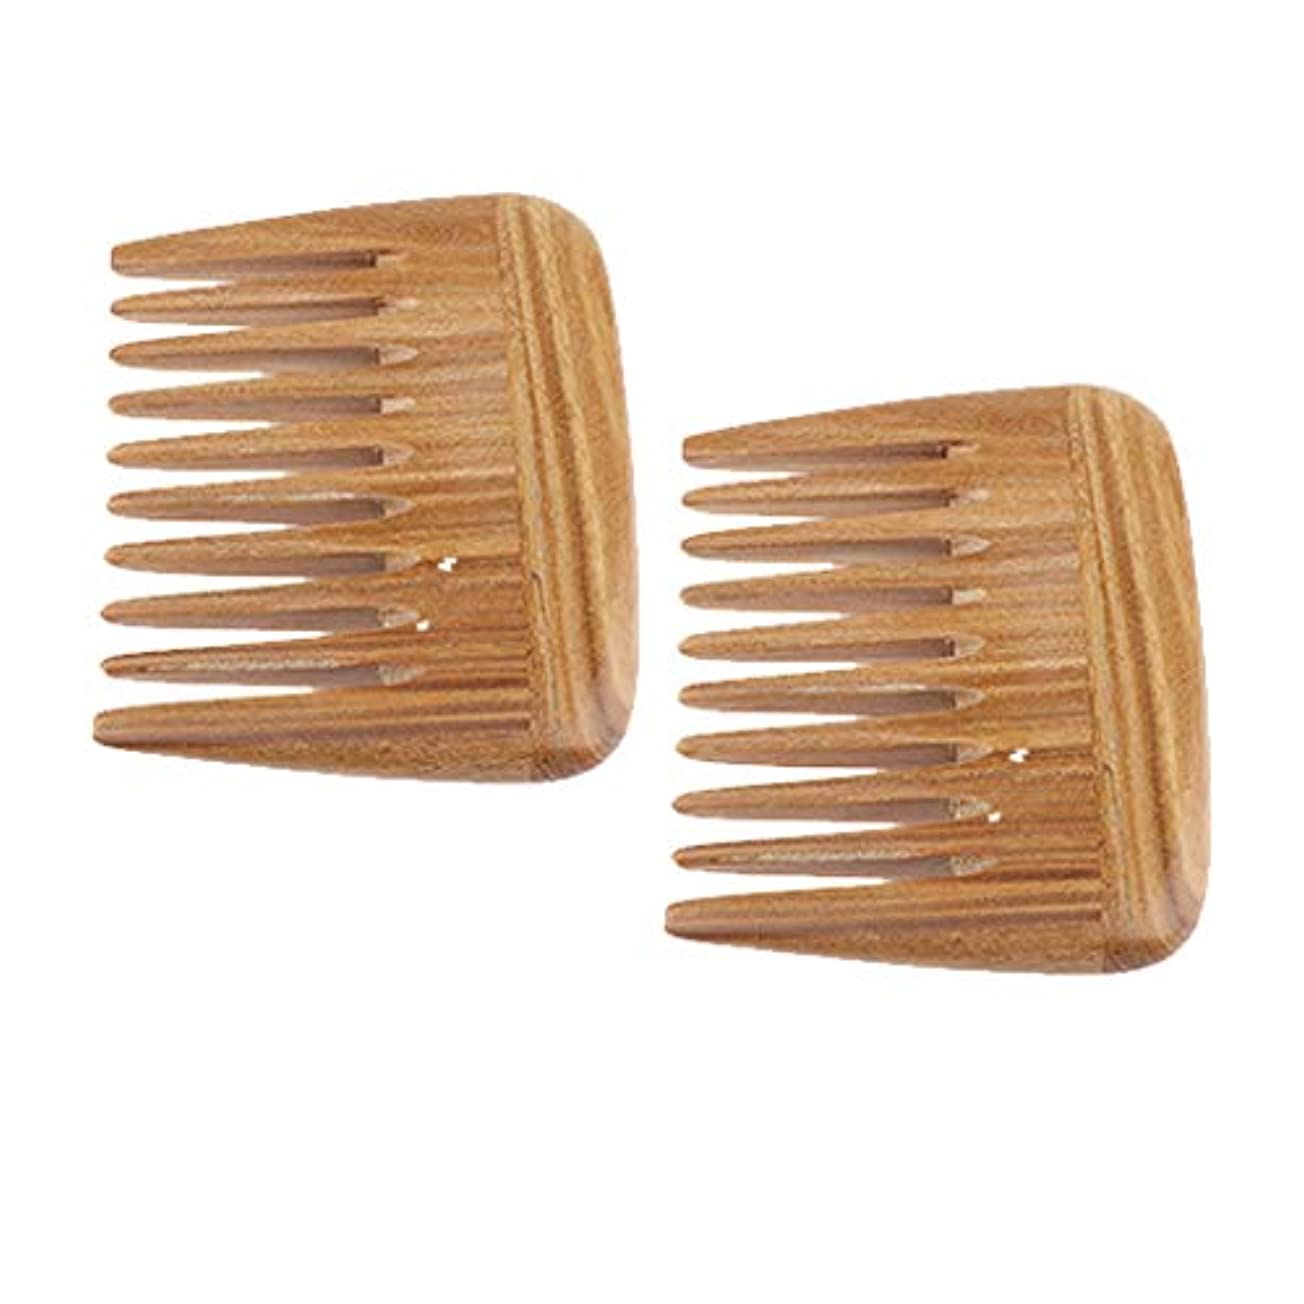 共同選択期待するのF Fityle 2個 木製櫛 ヘアブラシ 口ひげ メンズ プレゼント